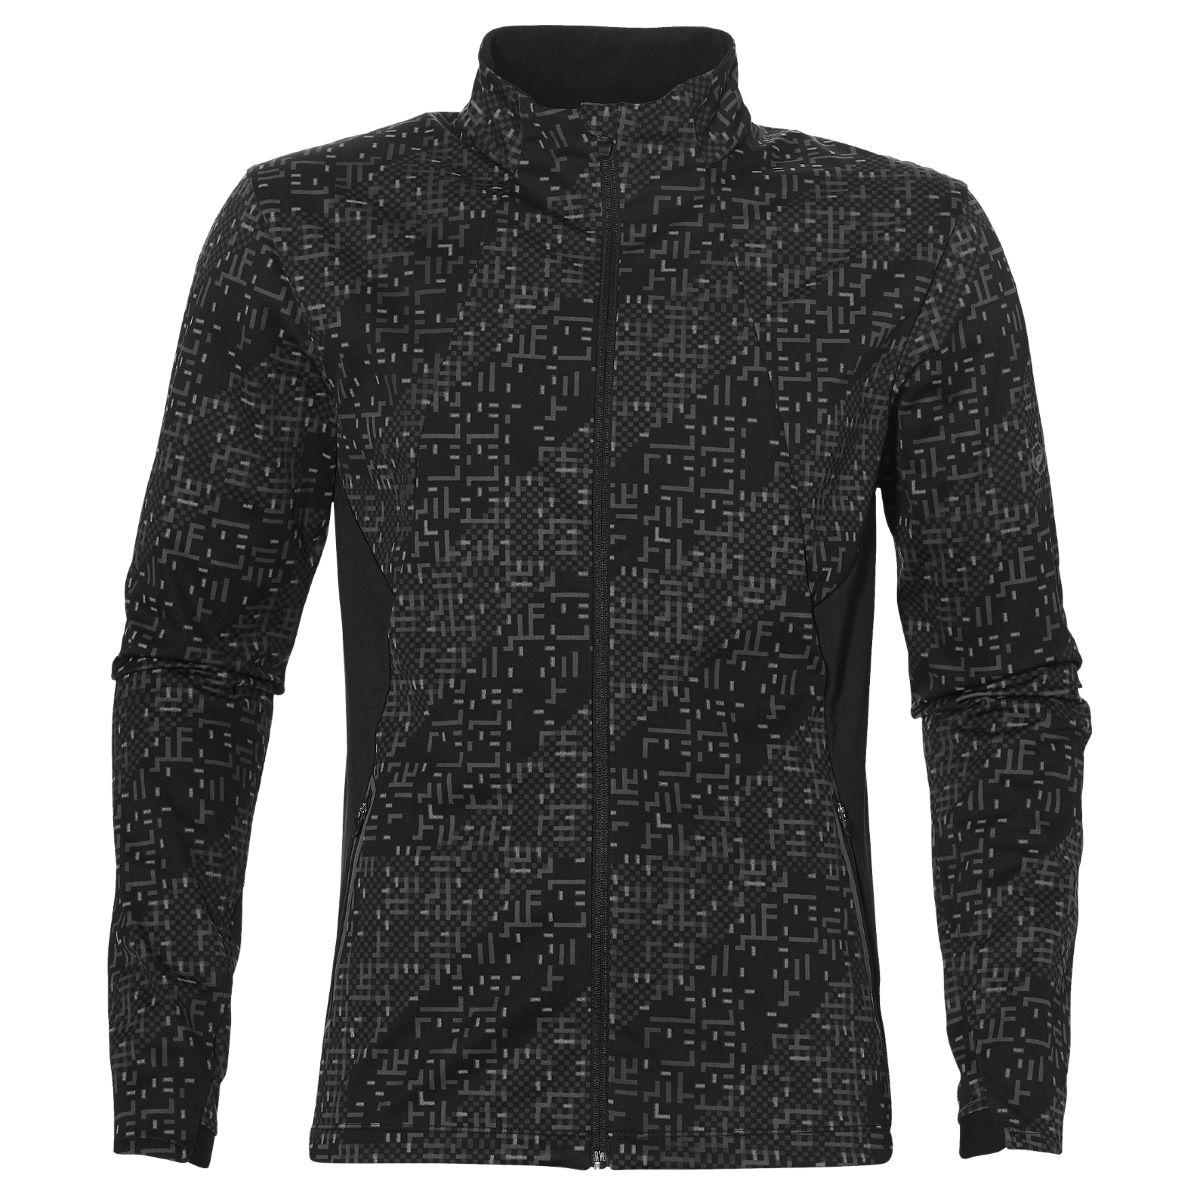 Купить Куртка беговая Asics 2017-18 LITE-SHOW WINTER JACKET ЧЕРНЫЙ, Одежда для бега и фитнеса, 1350998